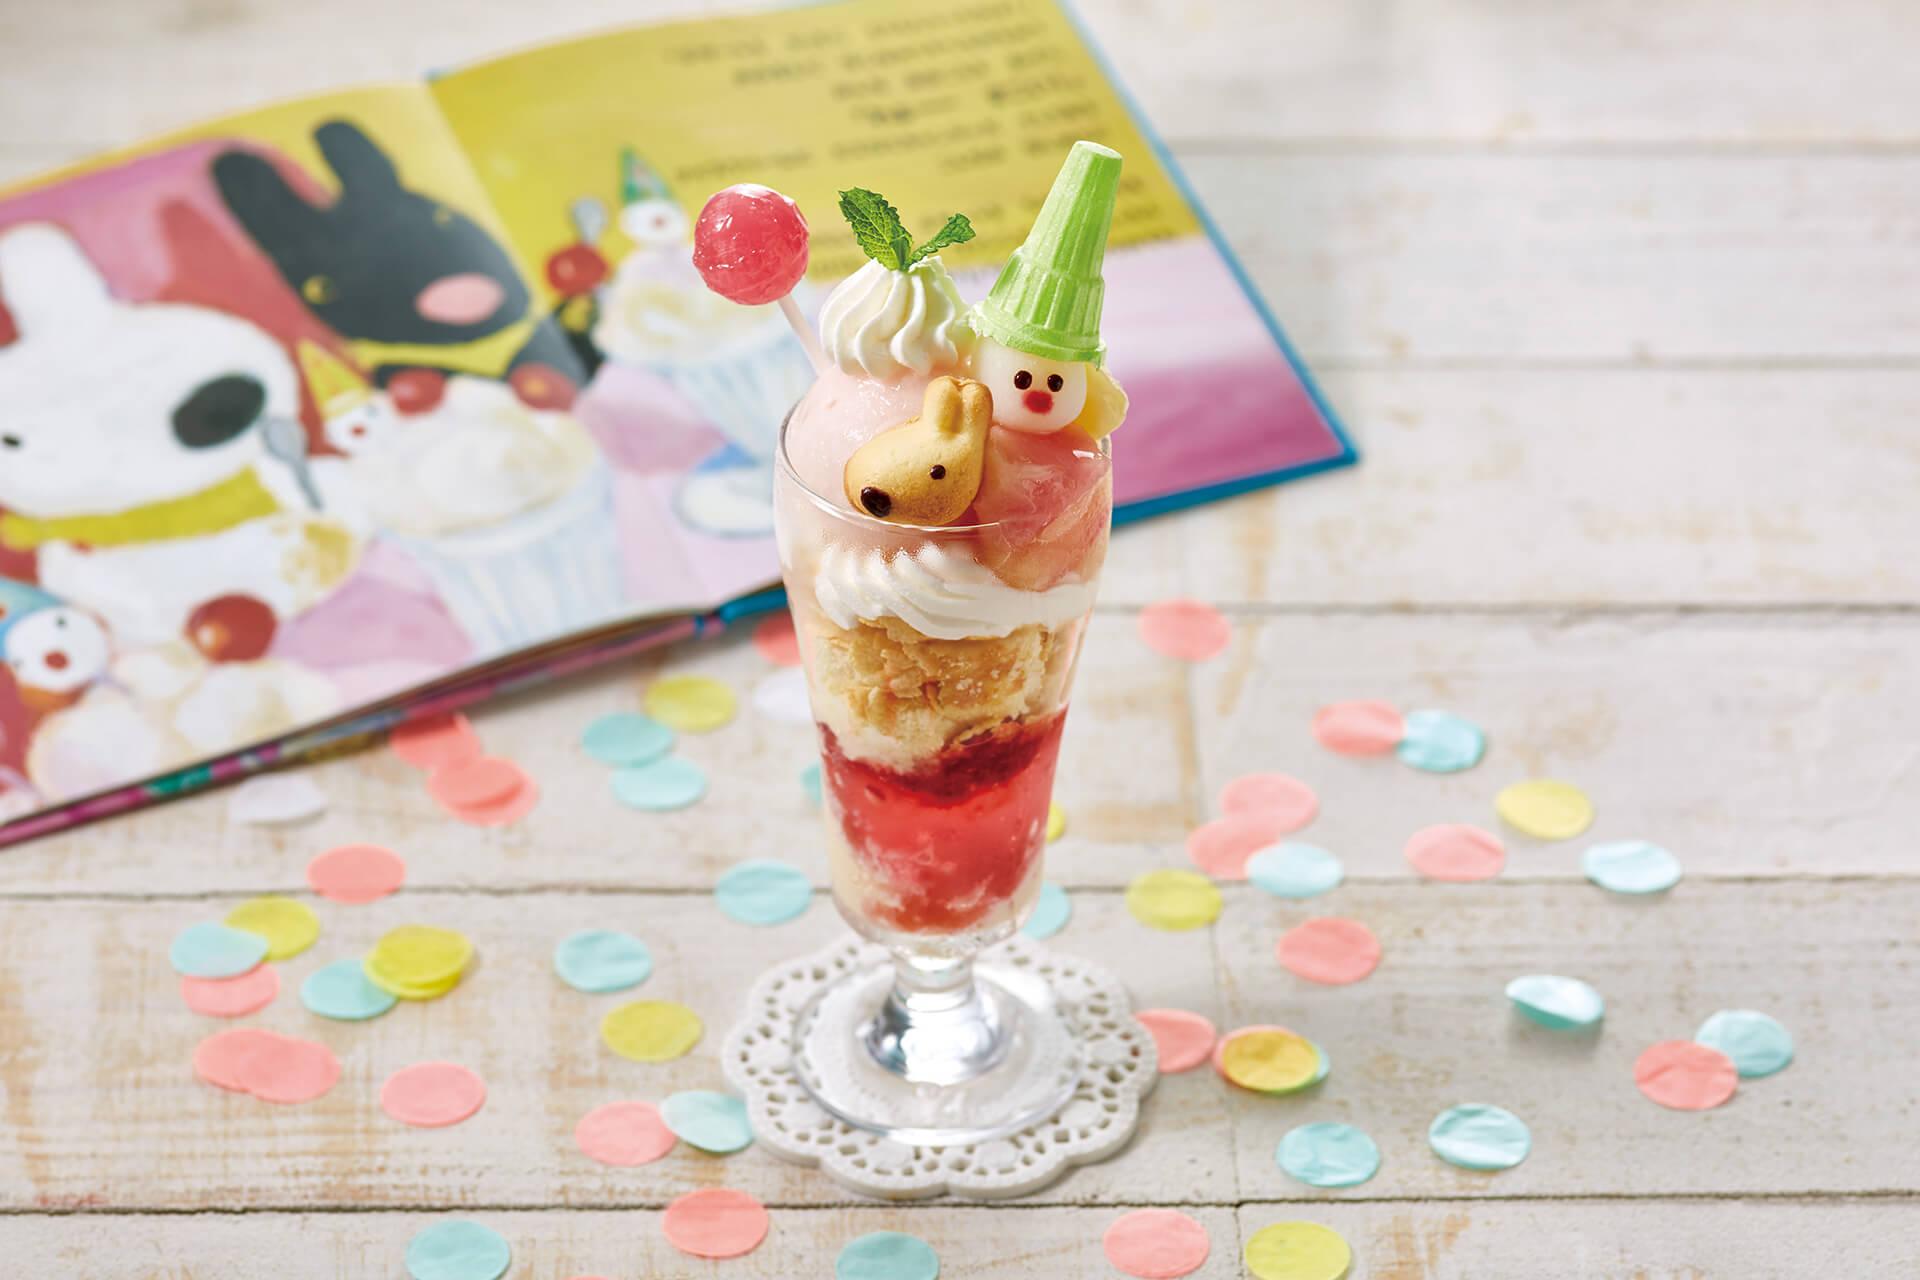 この写真は、Afternoon Teaリサとガスパールコラボメニューの ピーチピーチのピエロパフェ。キャラのお菓子がのった桃味です